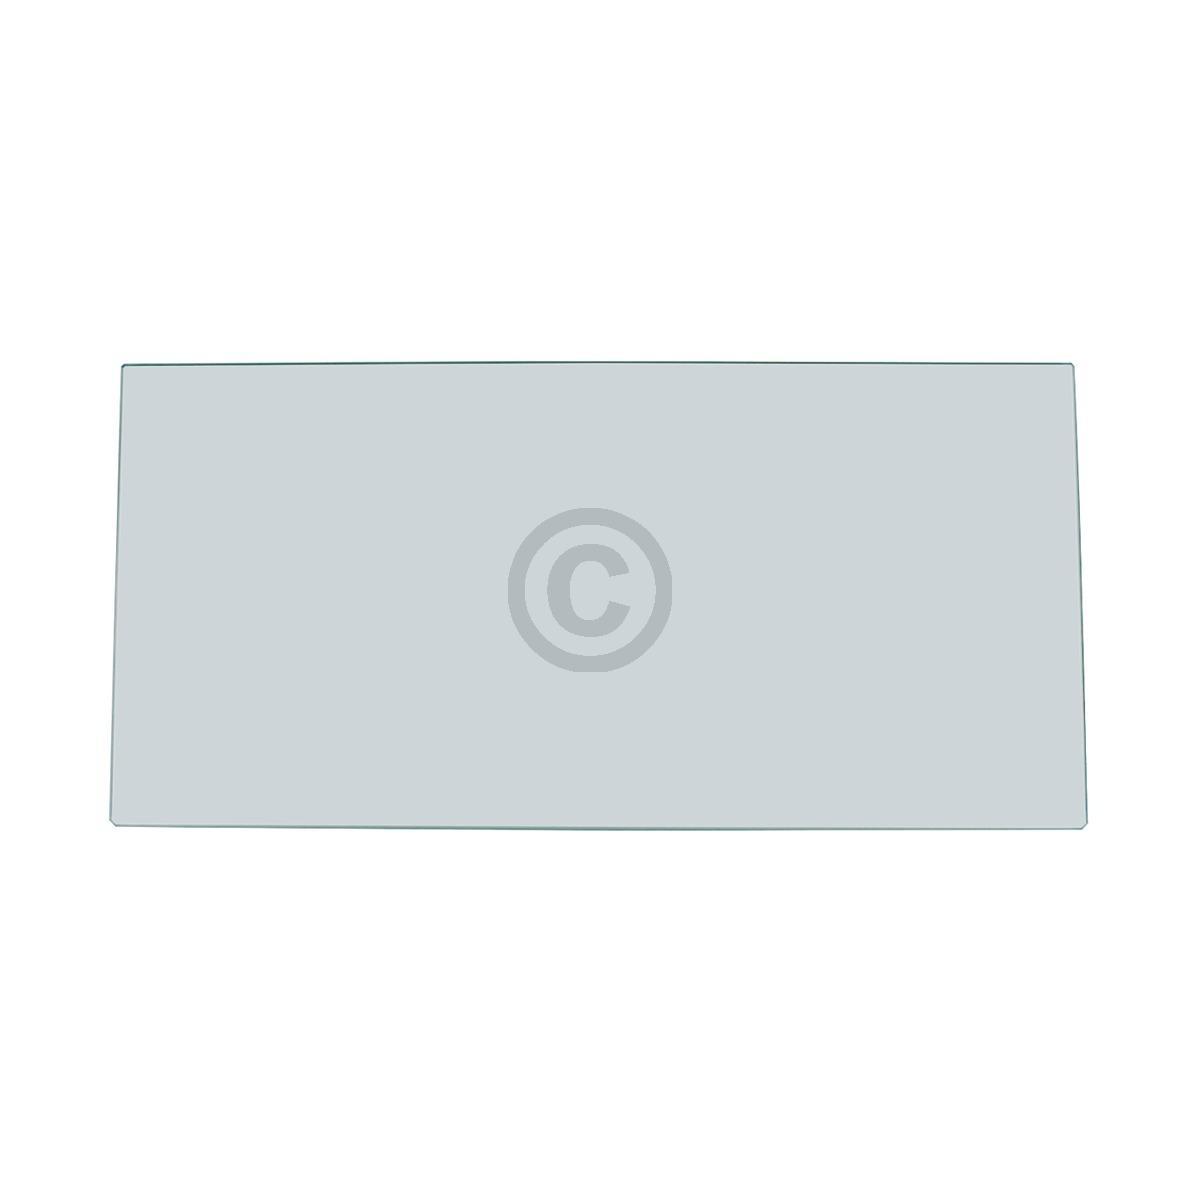 Glasplatte 475x230mm fürs Gemüsefach 206079804 AEG, Electrolux, Juno, Zanussi